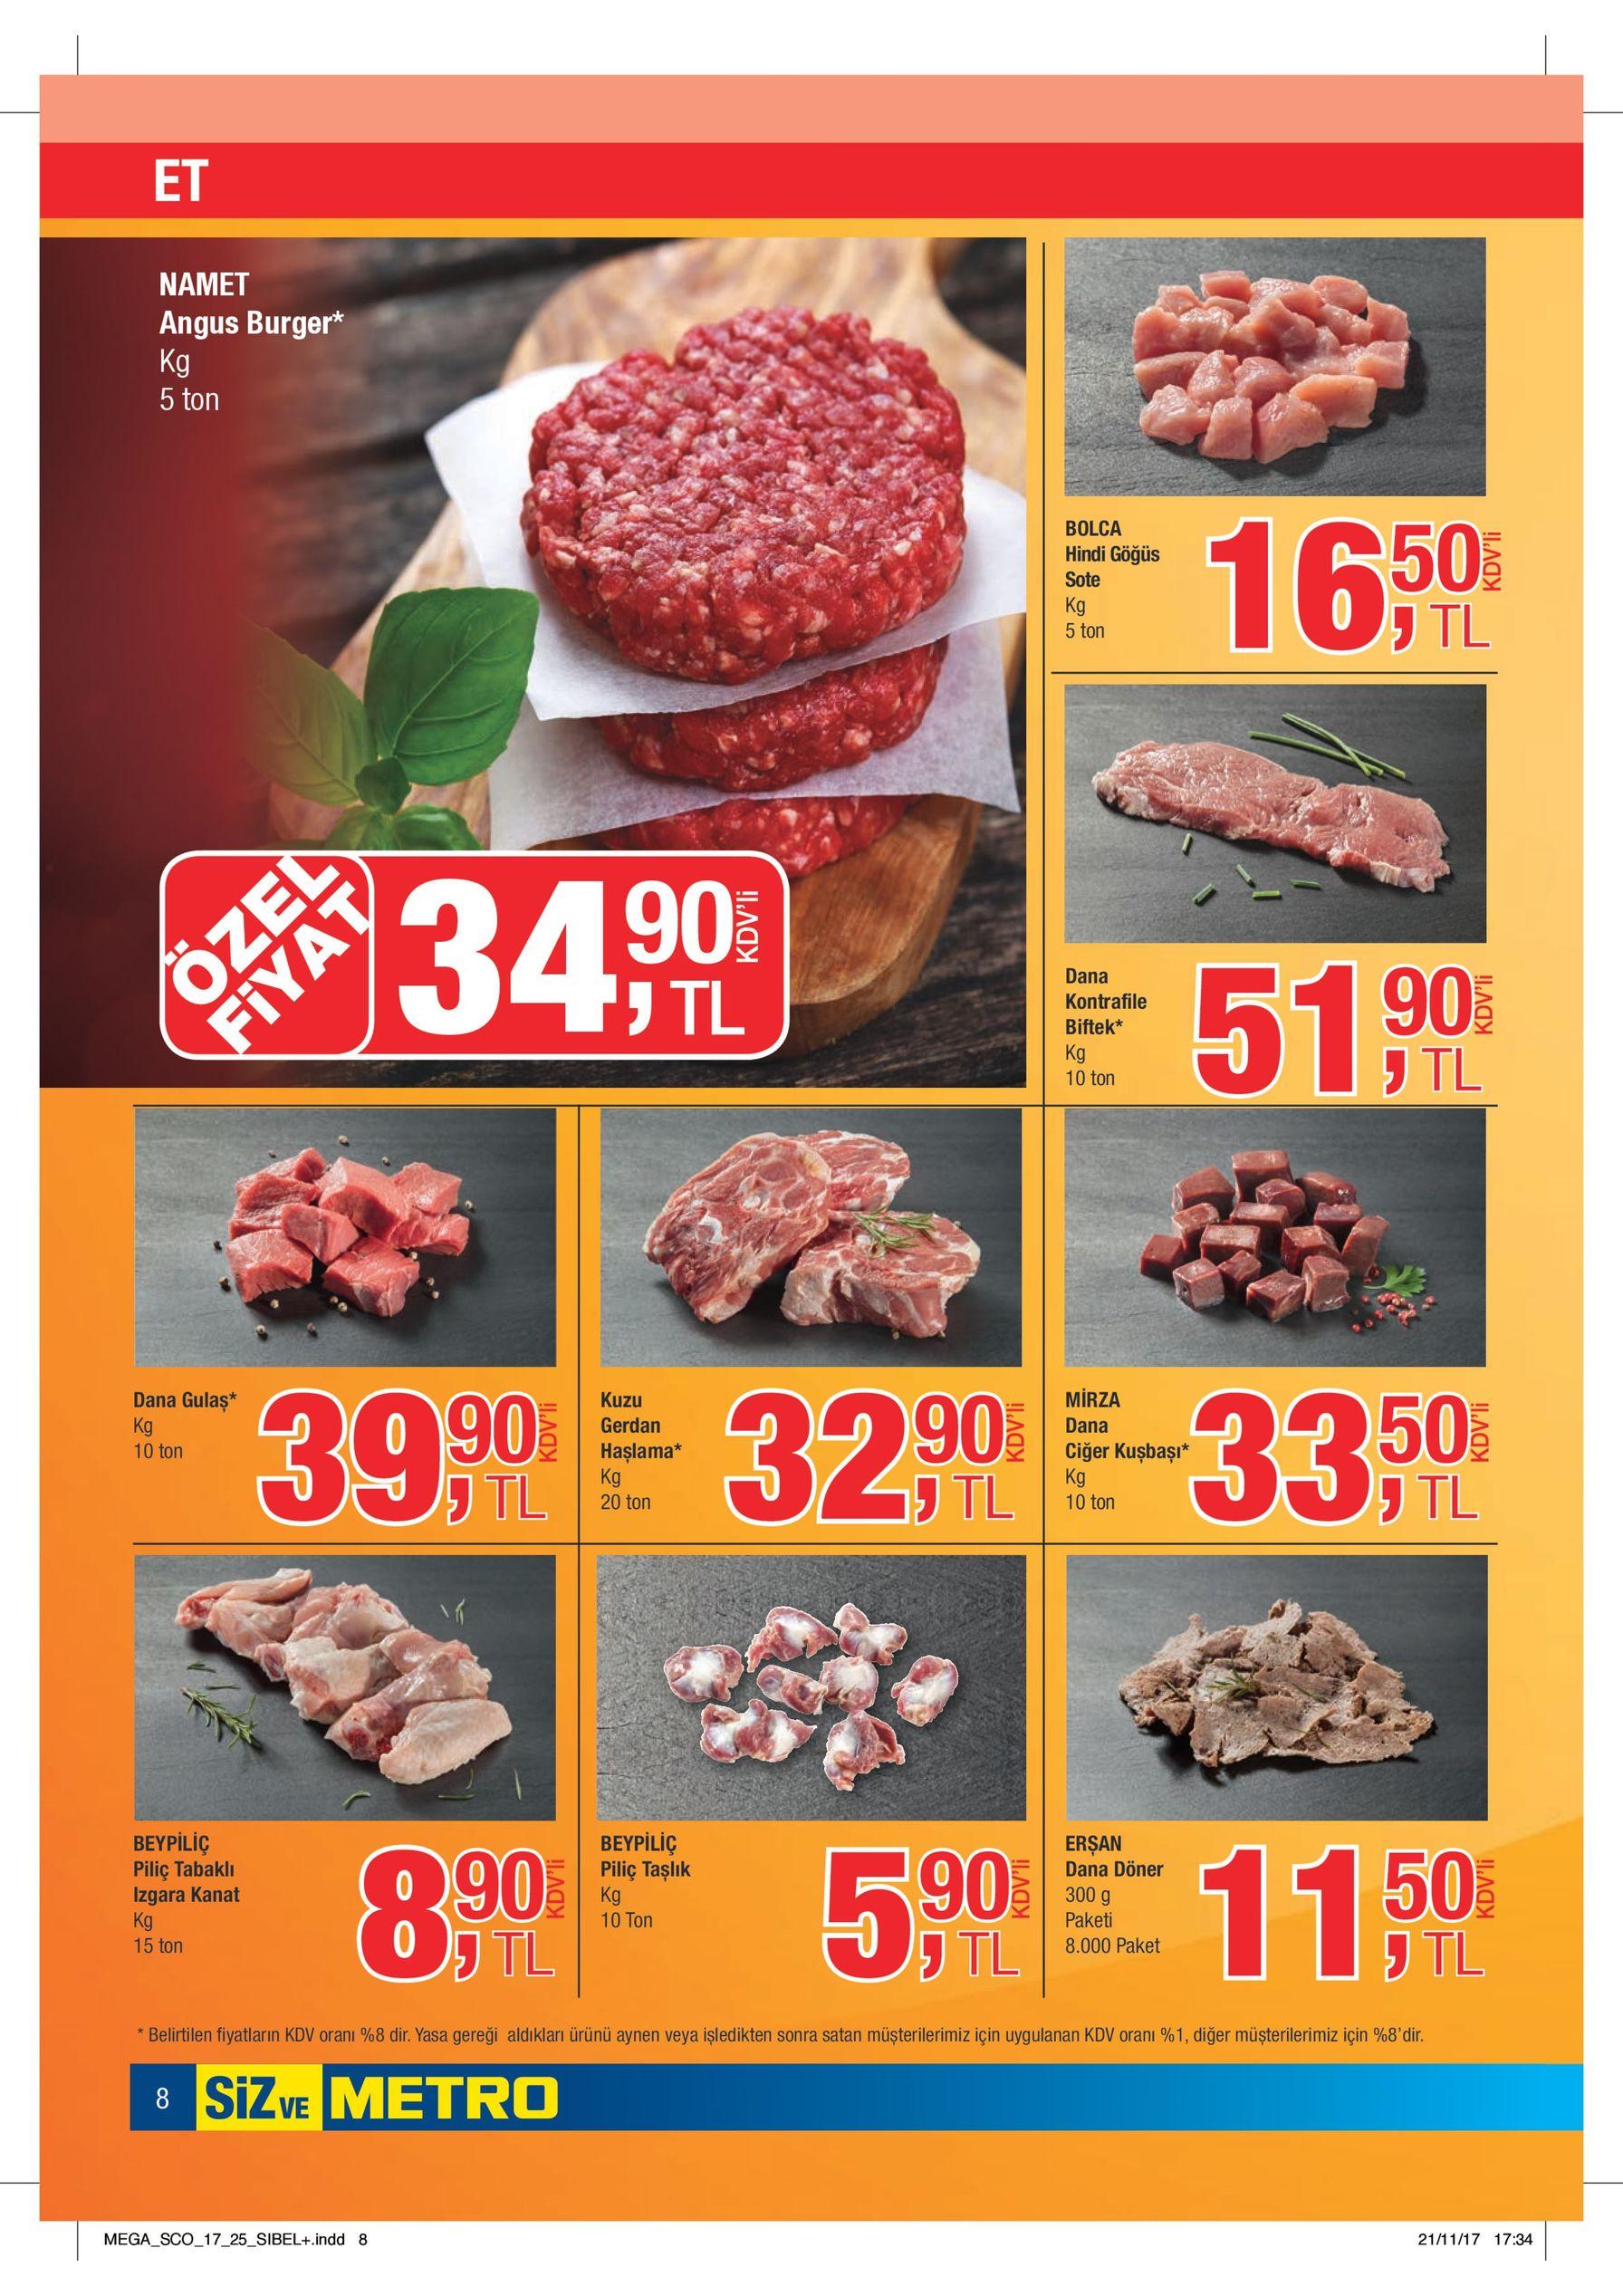 et angus burger* kg 5 ton bolca sotei göğüs 50 5 ton16 , ,0 kontrafile 34 kgftek* ,0 10 t51 dana gulaş* kuzu mirza 10 ton 90 kgşlama* 90 kgğer kuşba50* 39 , 20 to32 , 10 t33 , piliç tabaklı piliç taşlık dana döner 15 ton kanat,0 10 ton ,0 8.000 paket,0 8 5 11 * belirtilen fiyatların kdv oranı %8 dir.yasa gereği aldıkları ürünü aynen veya işledikten sonra satan müşterilerimiz için uygulanan kdv oranı %1, diğer müşterilerimiz için %8'dir. 8